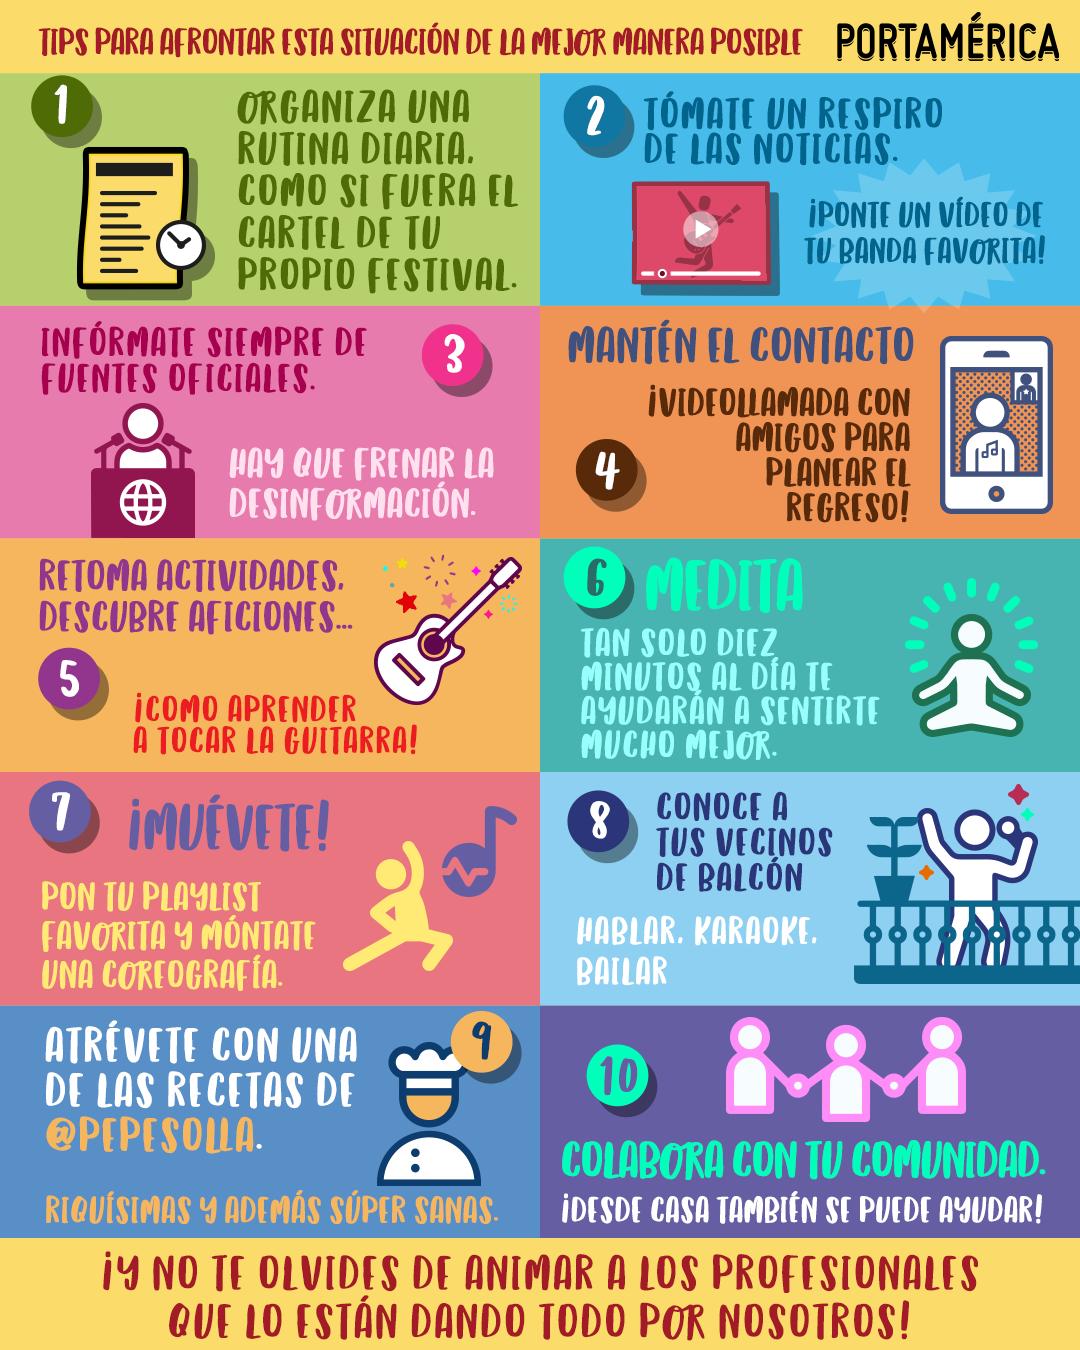 Cómo ayudar desde casa: 10 tips para mantener los ánimos durante el confinamiento